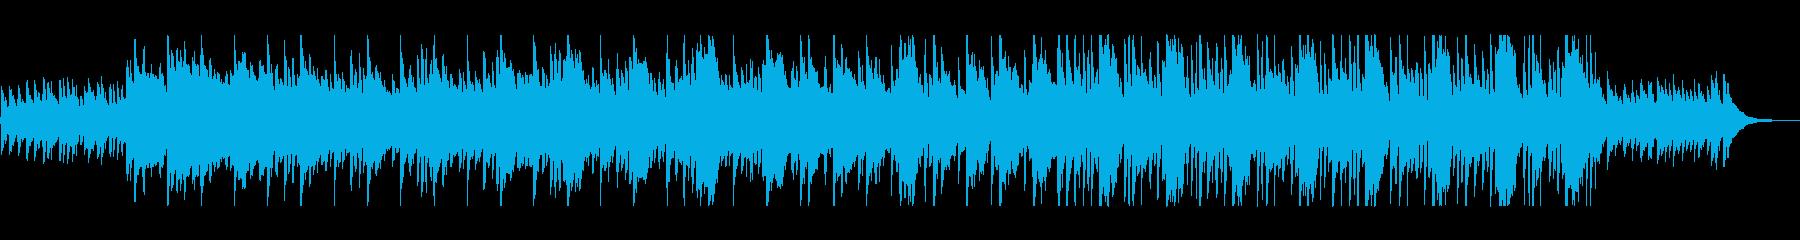 懐かしいループのシンセサイザーの曲の再生済みの波形